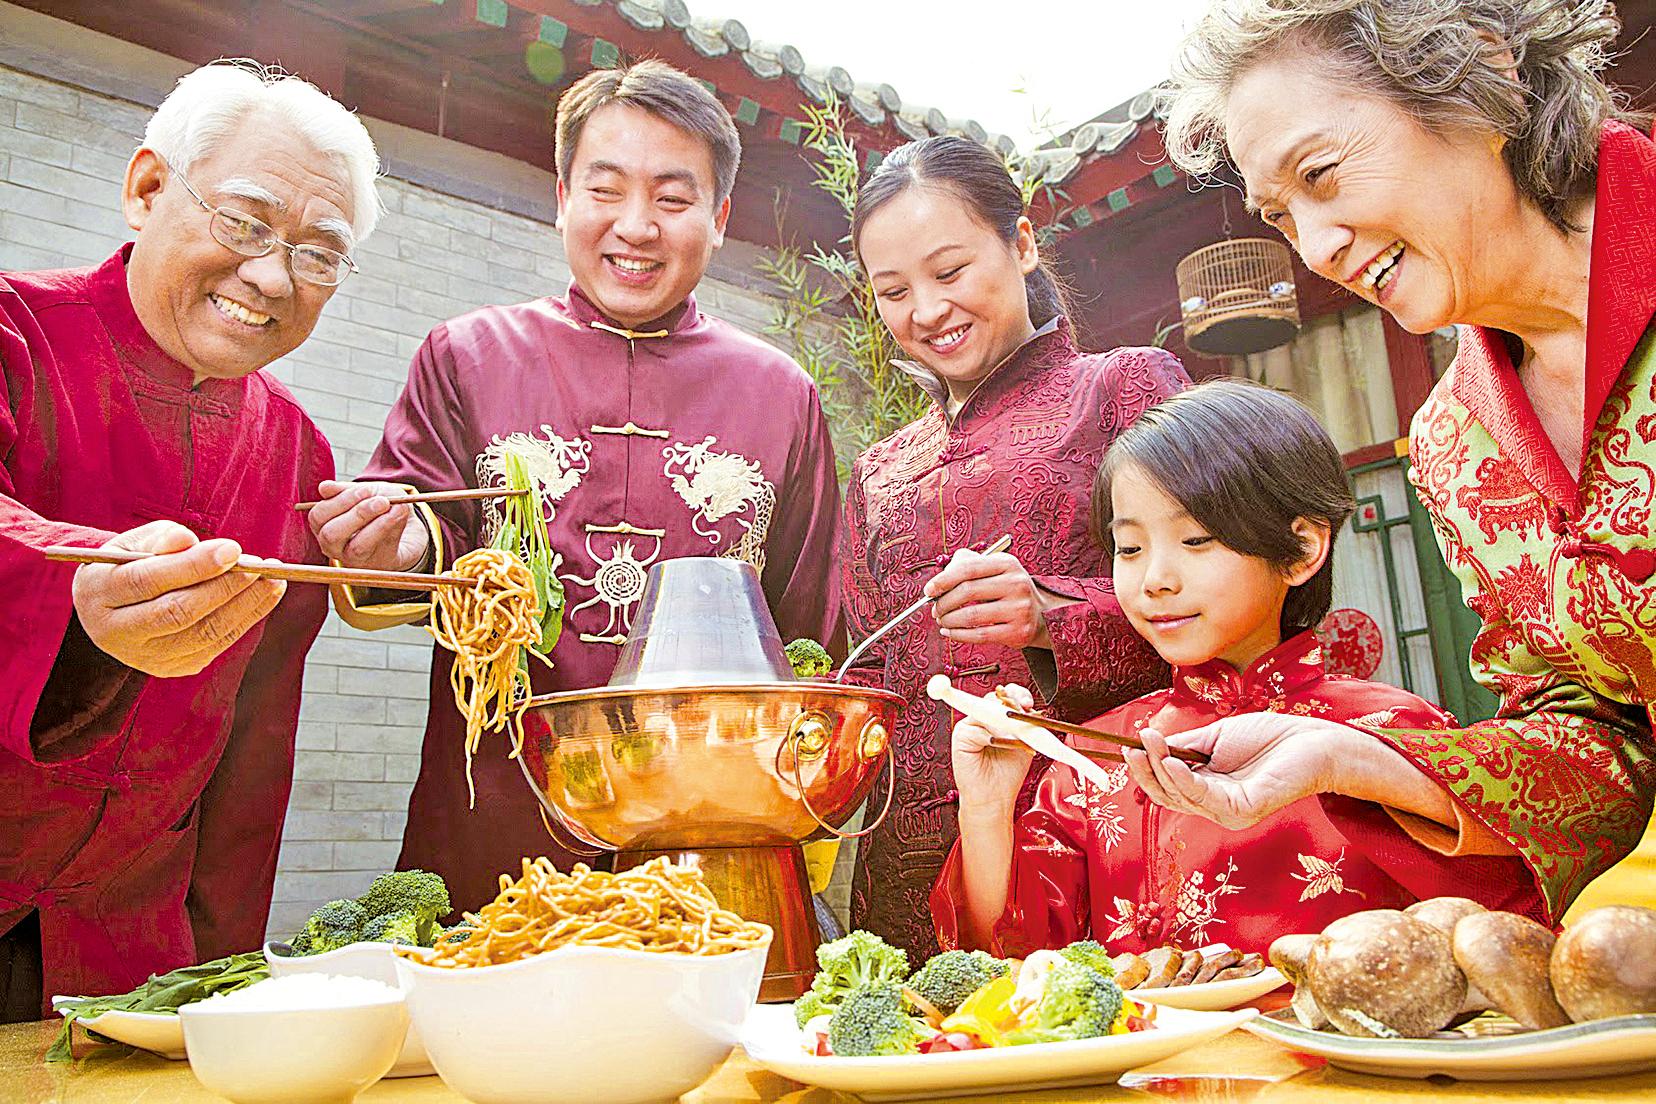 5,000年的中華民族源遠流長,民族文化博大精深,民俗風情色彩斑斕(Fotolia)